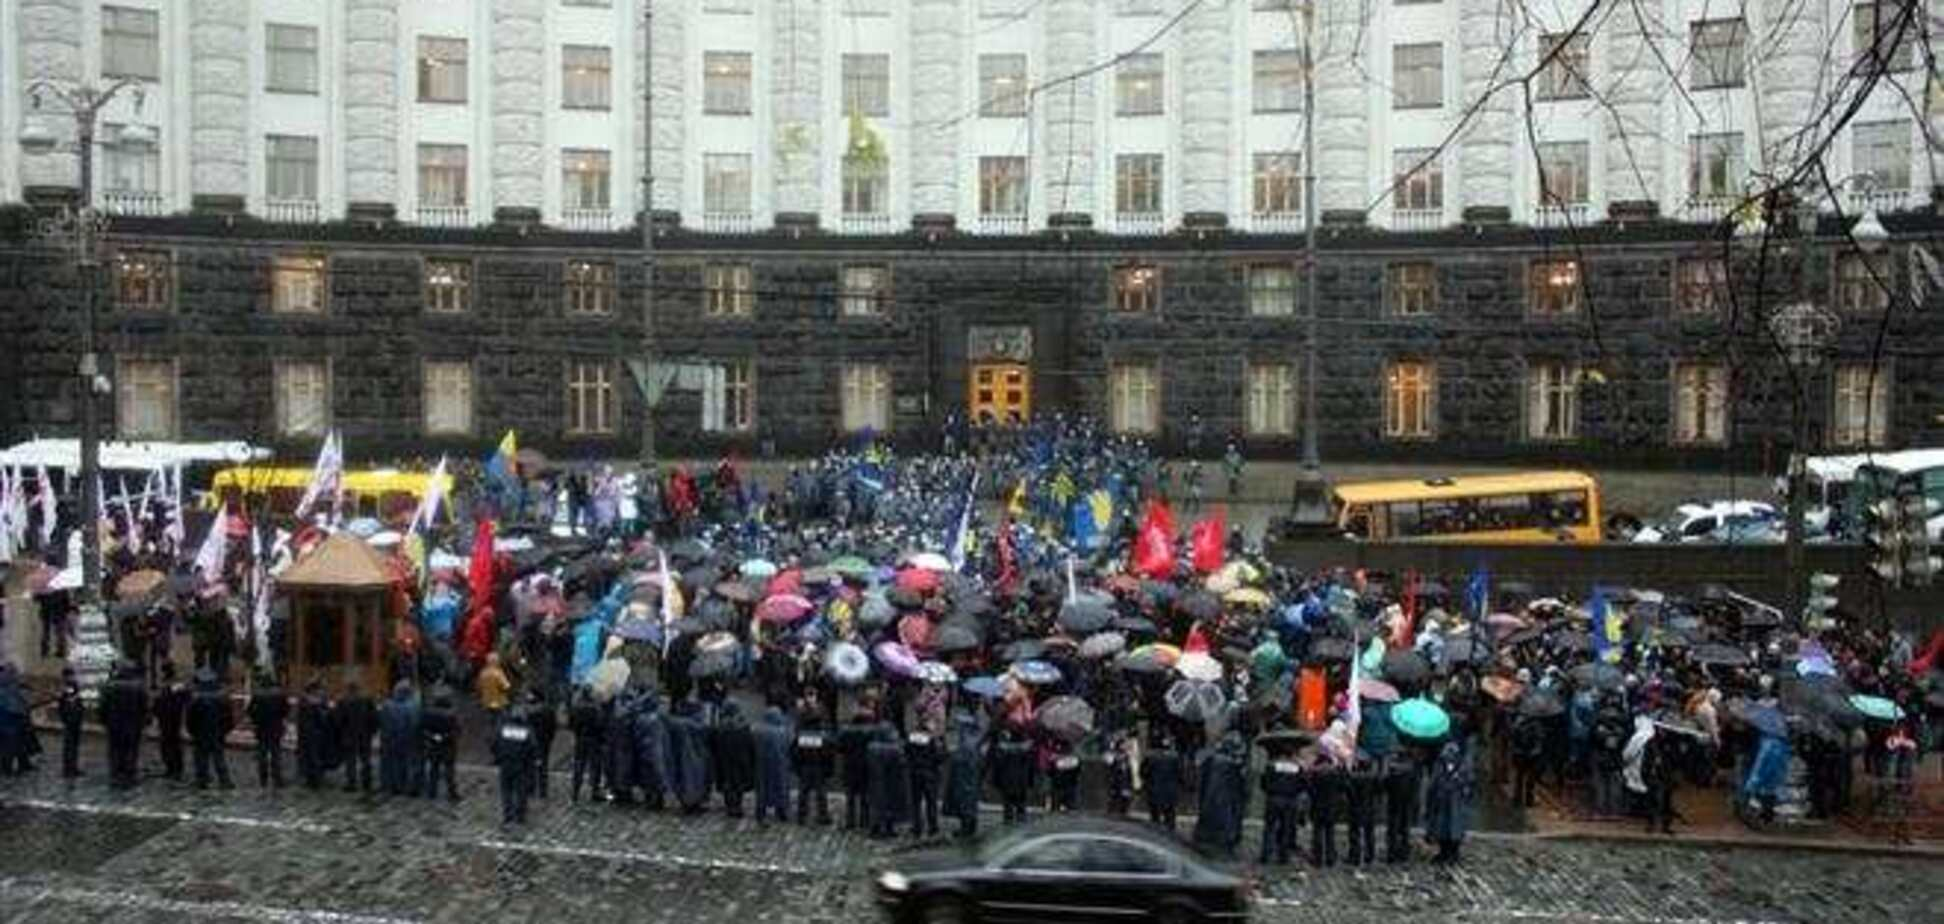 С начала Евромайдана в прокуратуру поступило 16 заявлений о нарушениях